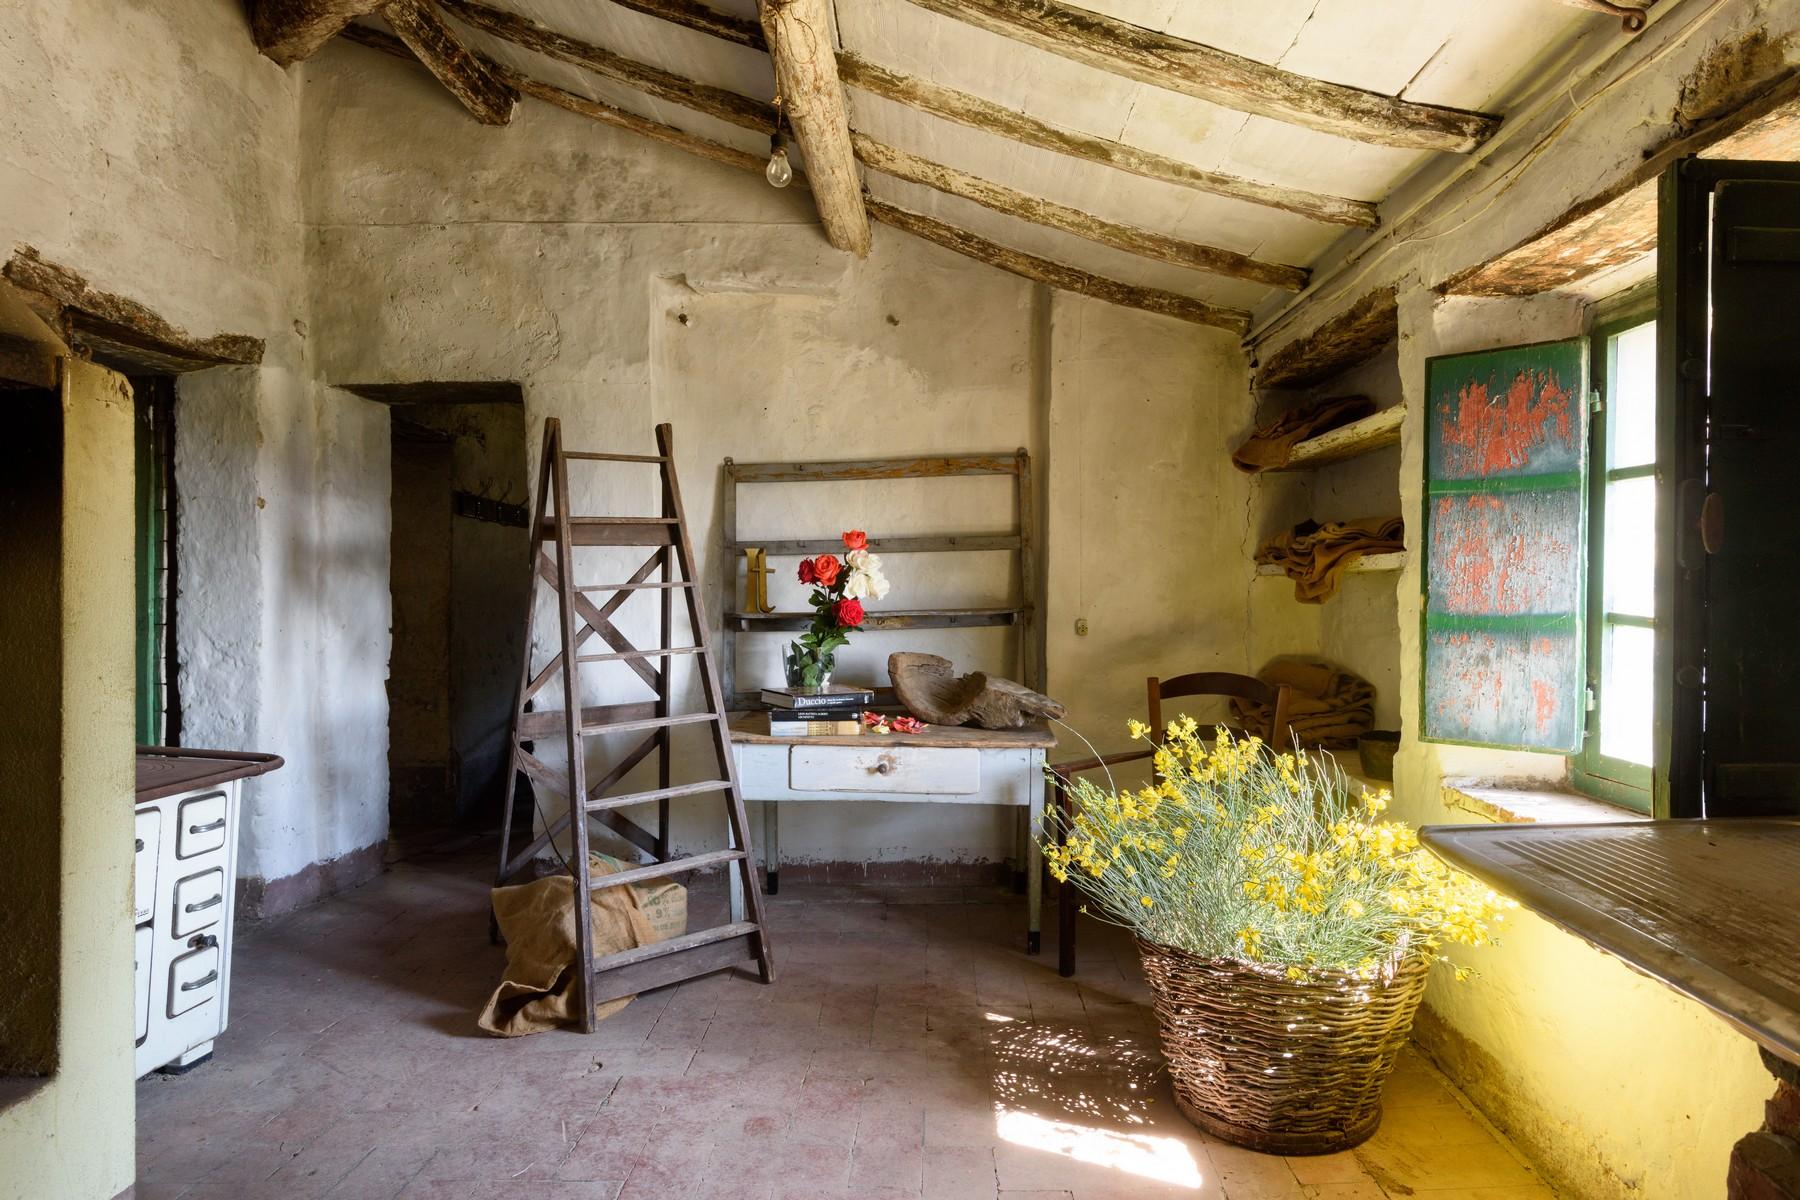 Rustico in Vendita a Monte San Savino: 5 locali, 370 mq - Foto 3